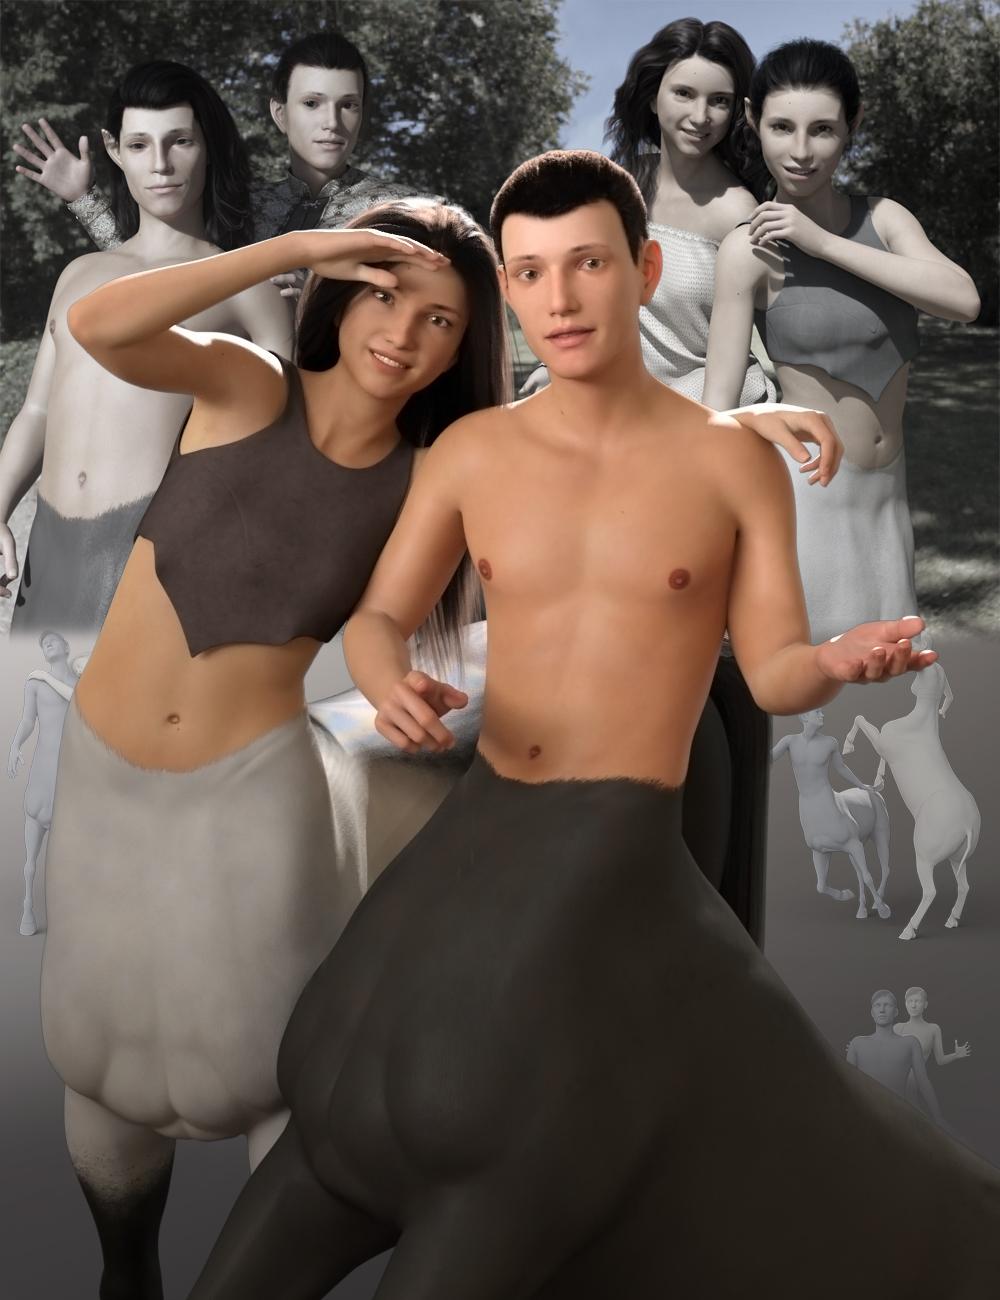 Young Centaurs Bundle by: Quixotry, 3D Models by Daz 3D